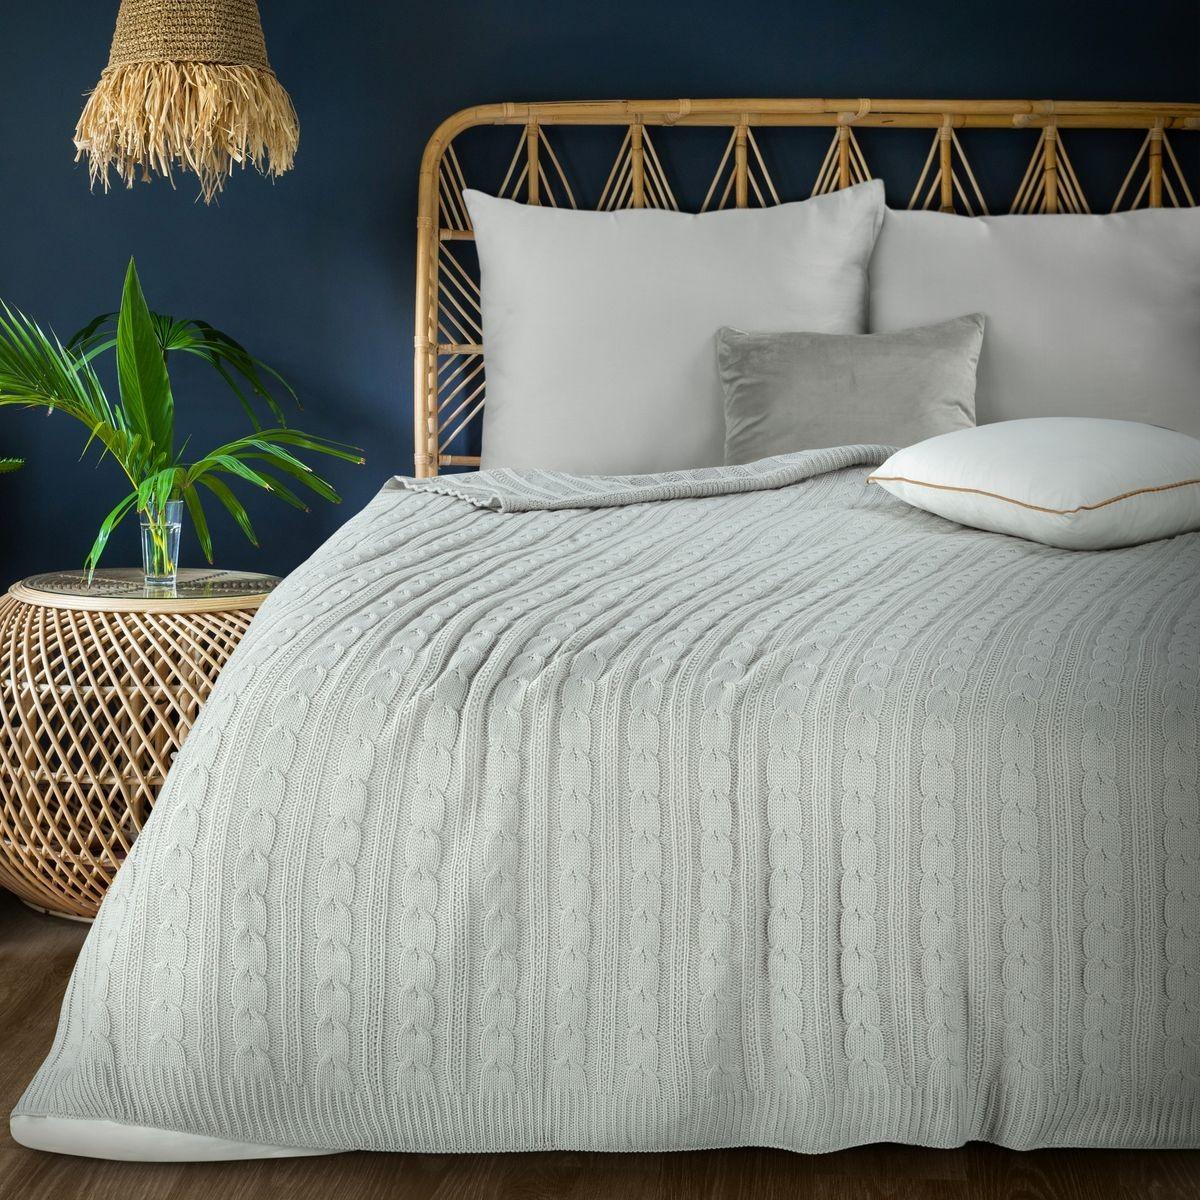 Nadčasová svetlo sivá tkaná akrylová deka 130 x 170 cm Šírka: 130 cm   Dĺžka: 170 cm